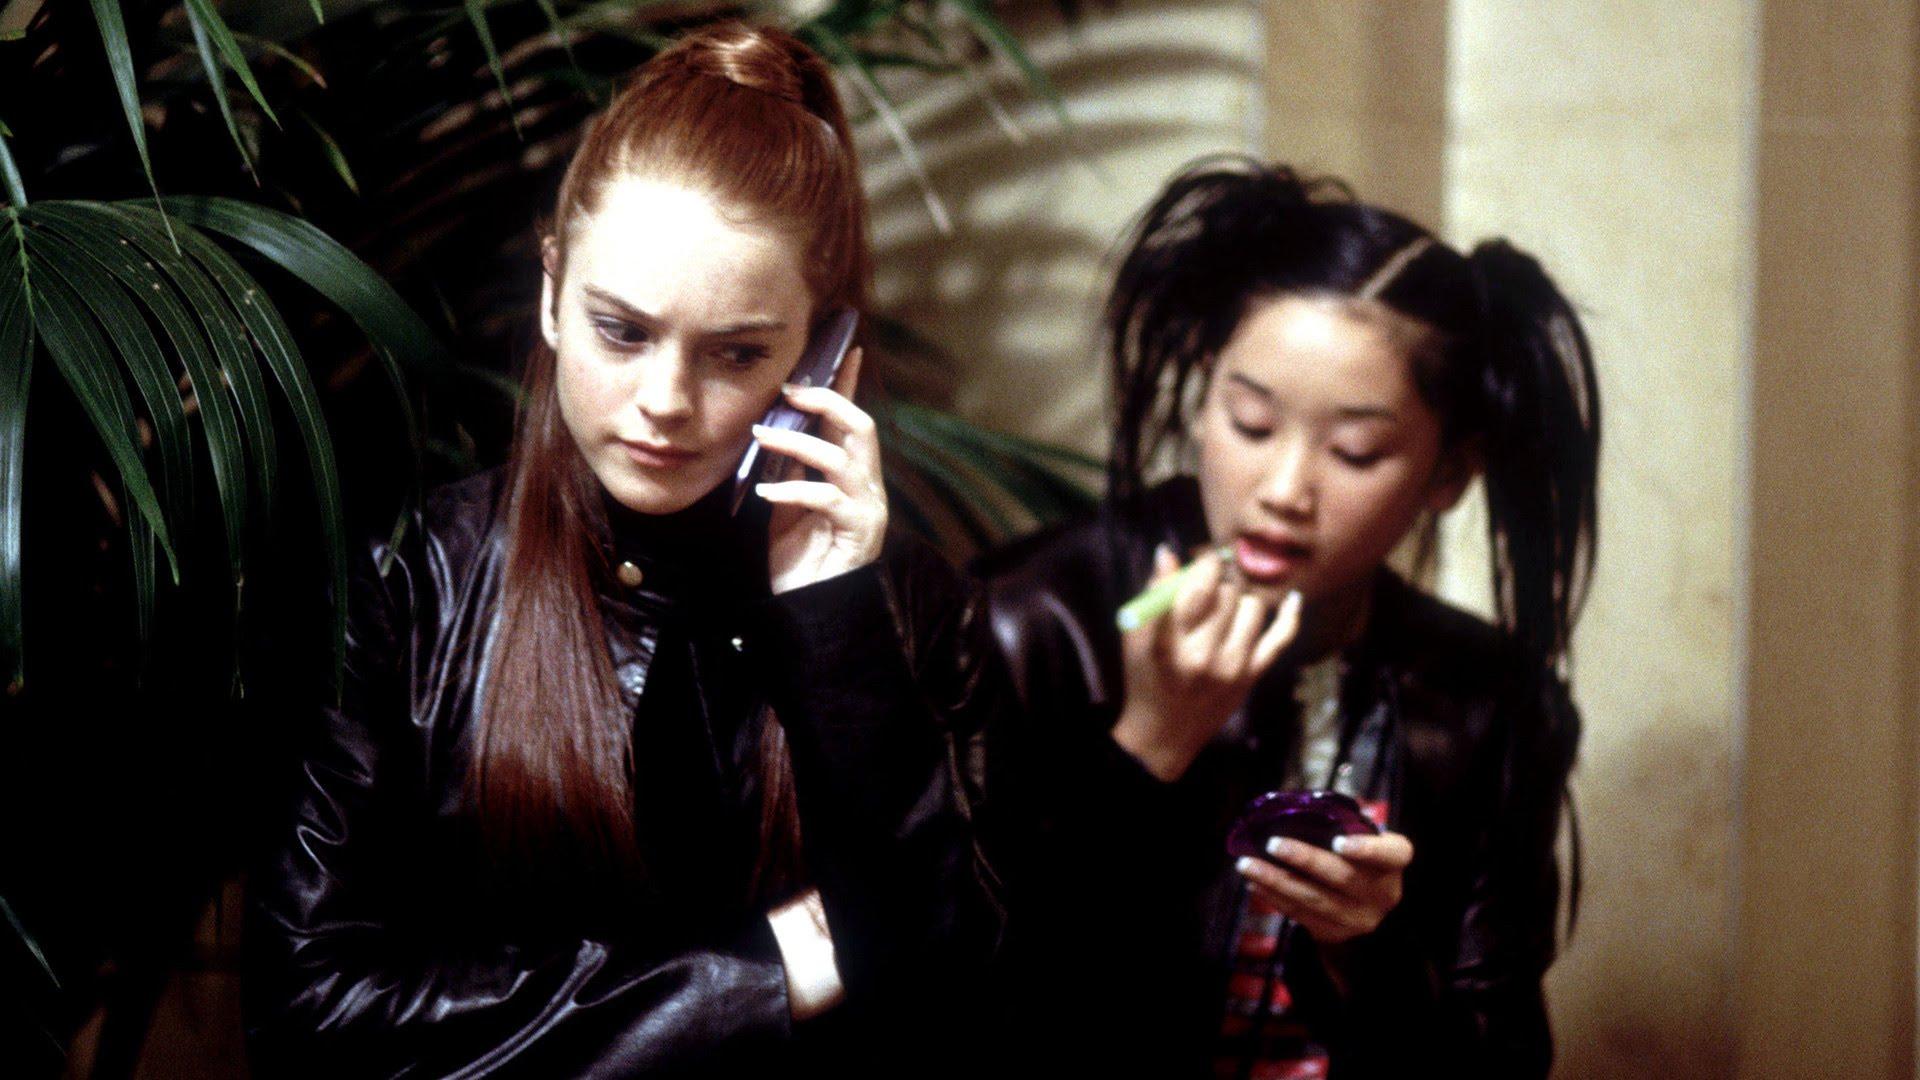 Get a Clue (TV Movie 2002) - IMDb